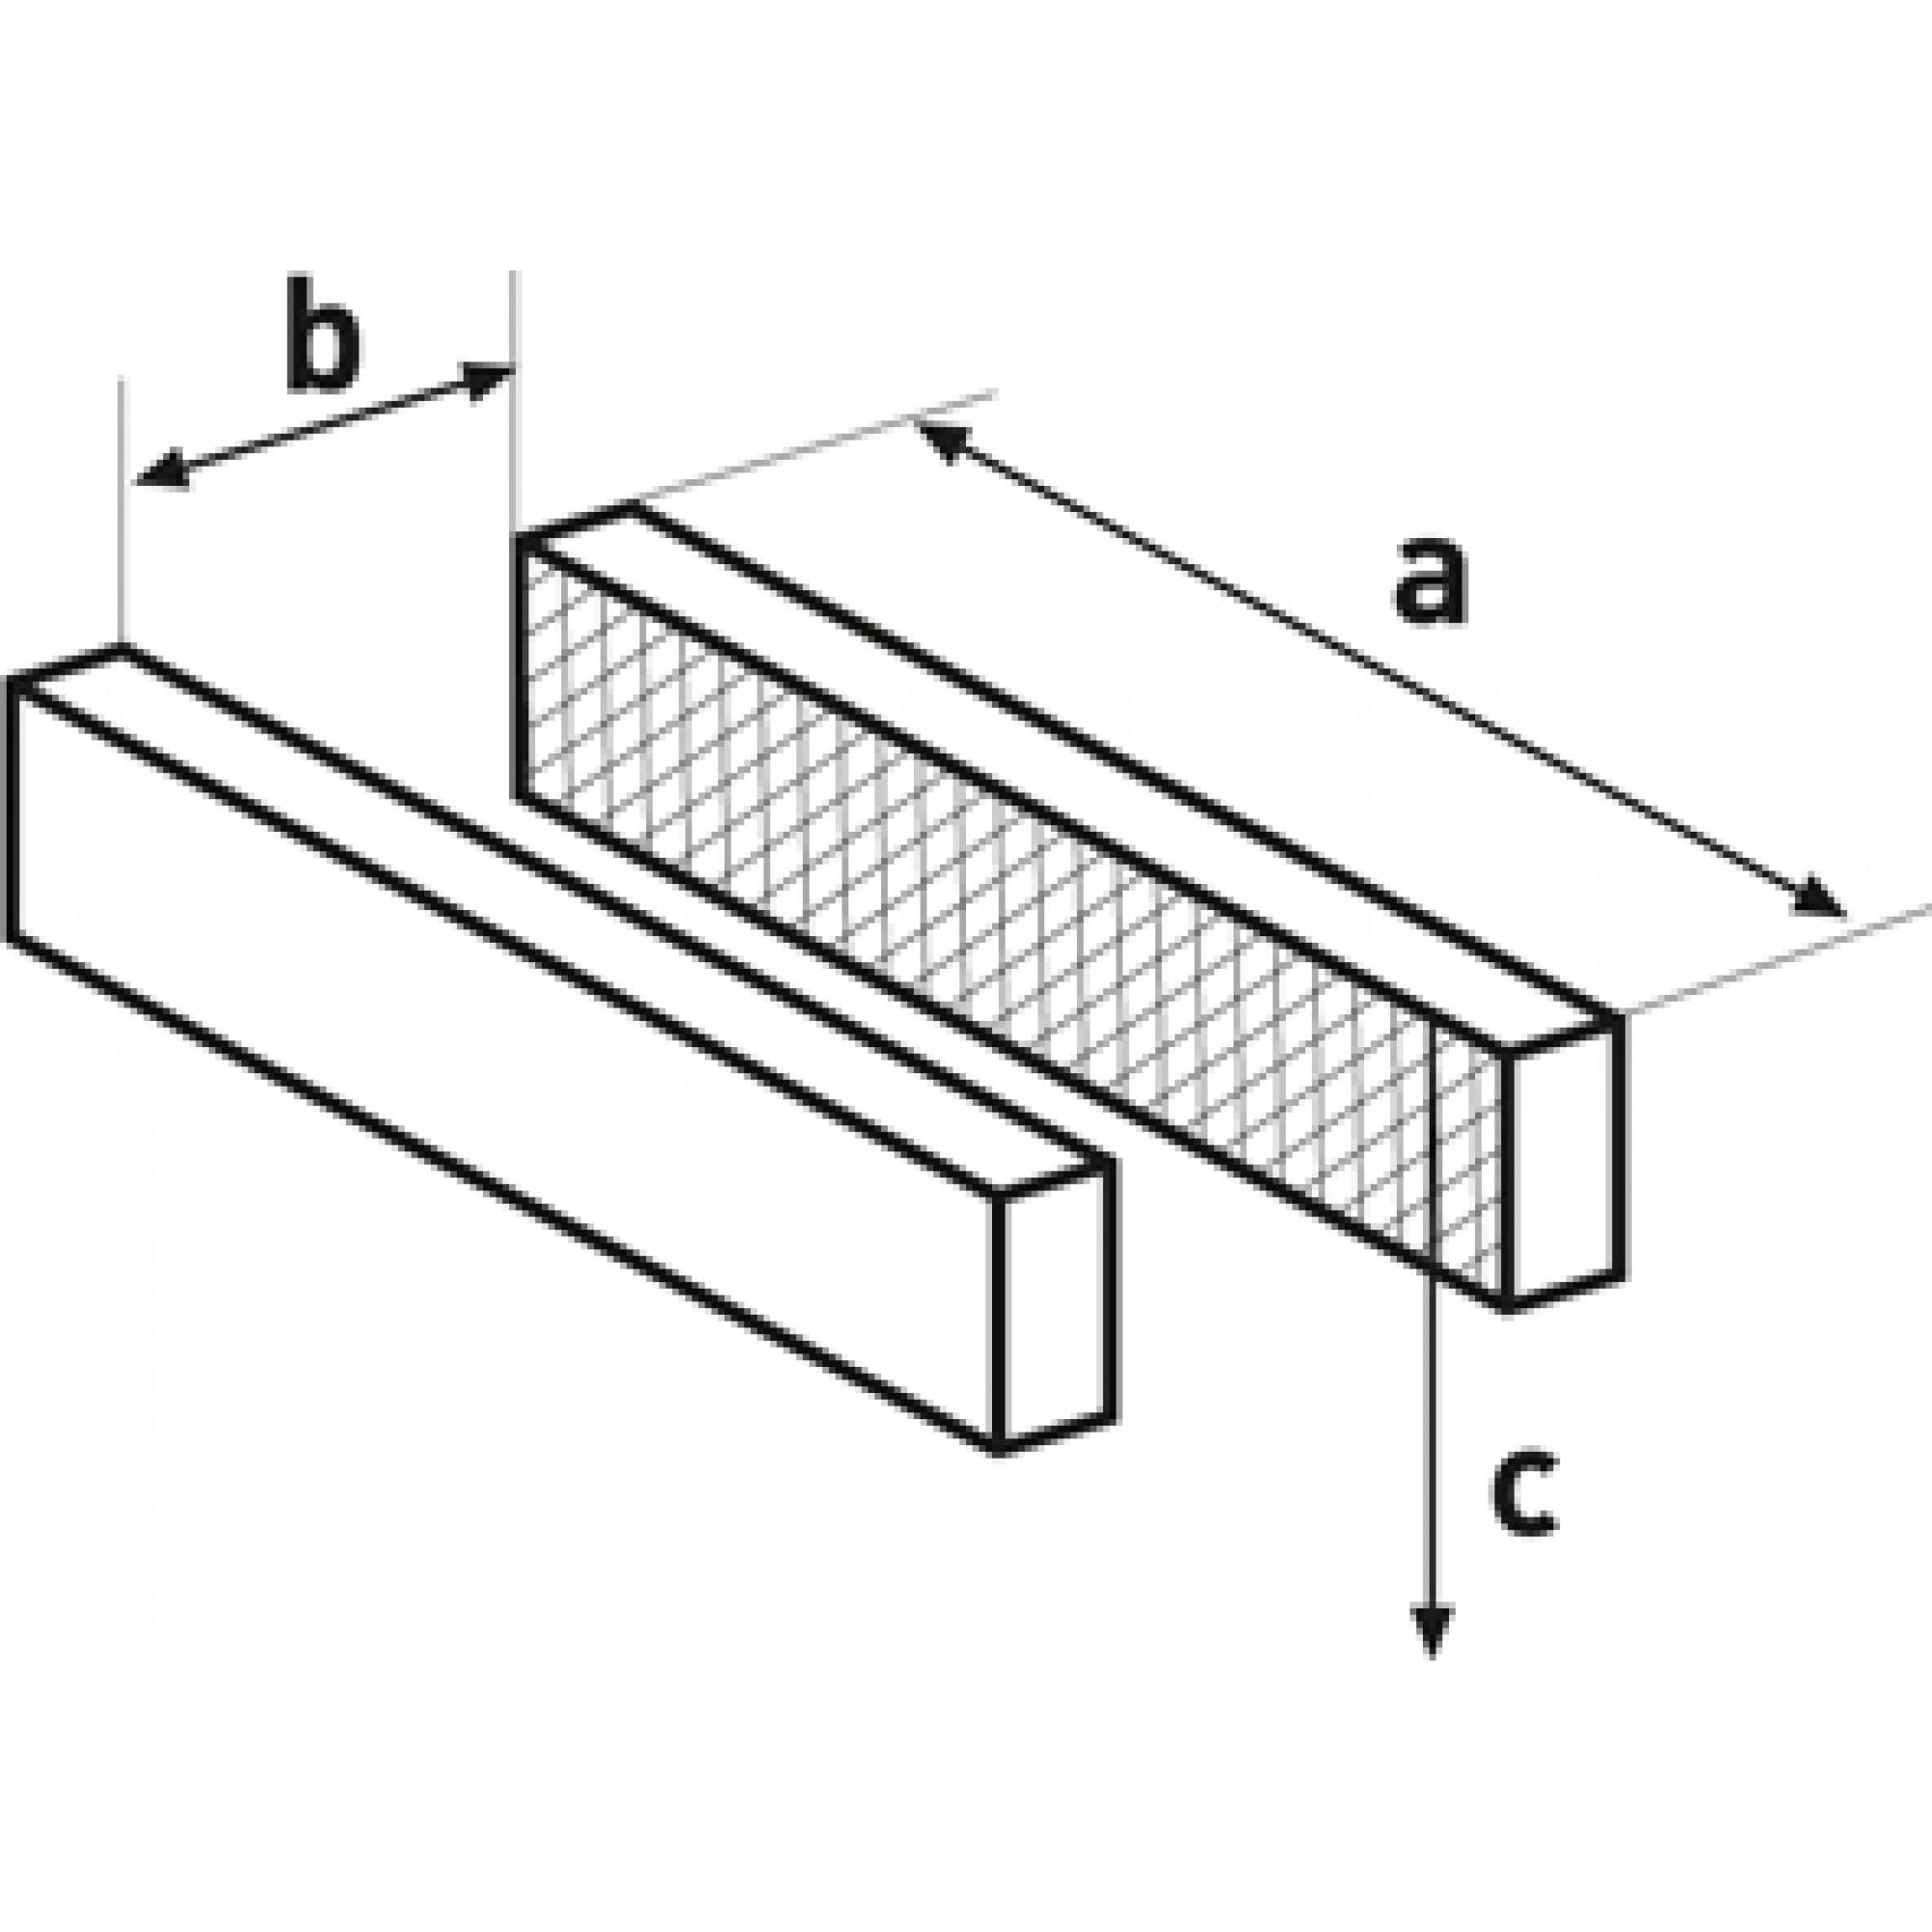 TRIUSO Qualitätswerkzeuge GmbH | Werkzeuge | Parallel-Schraubstock